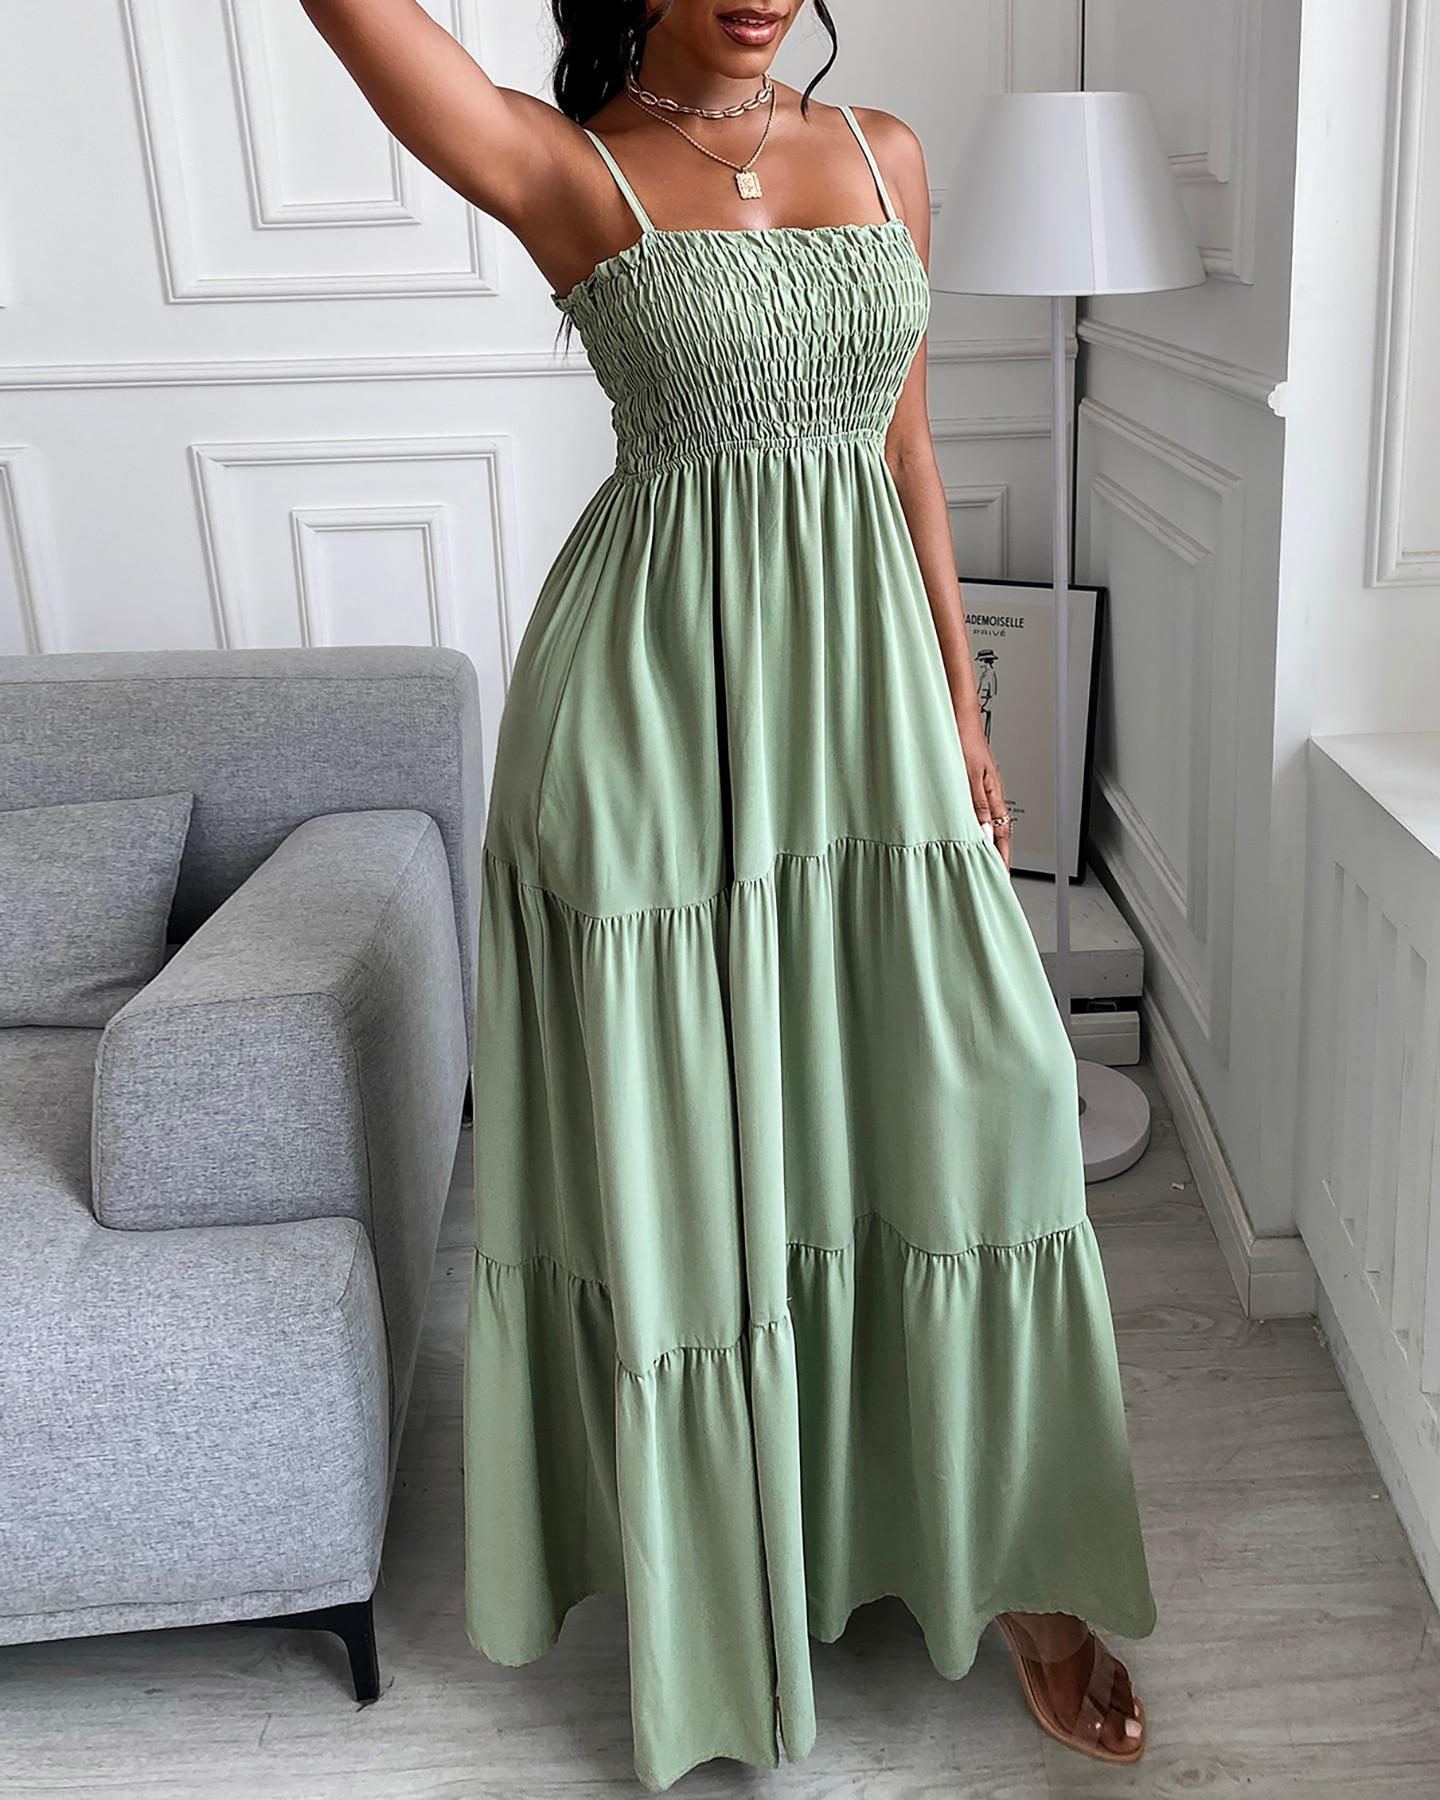 فستان صيفي مكشكش للسيدات بحزام شفاف فستان طويل موضة 2021 صيفي سادة فستان صيفي للسيدات ملابس Y2K فساتين للشاطئ